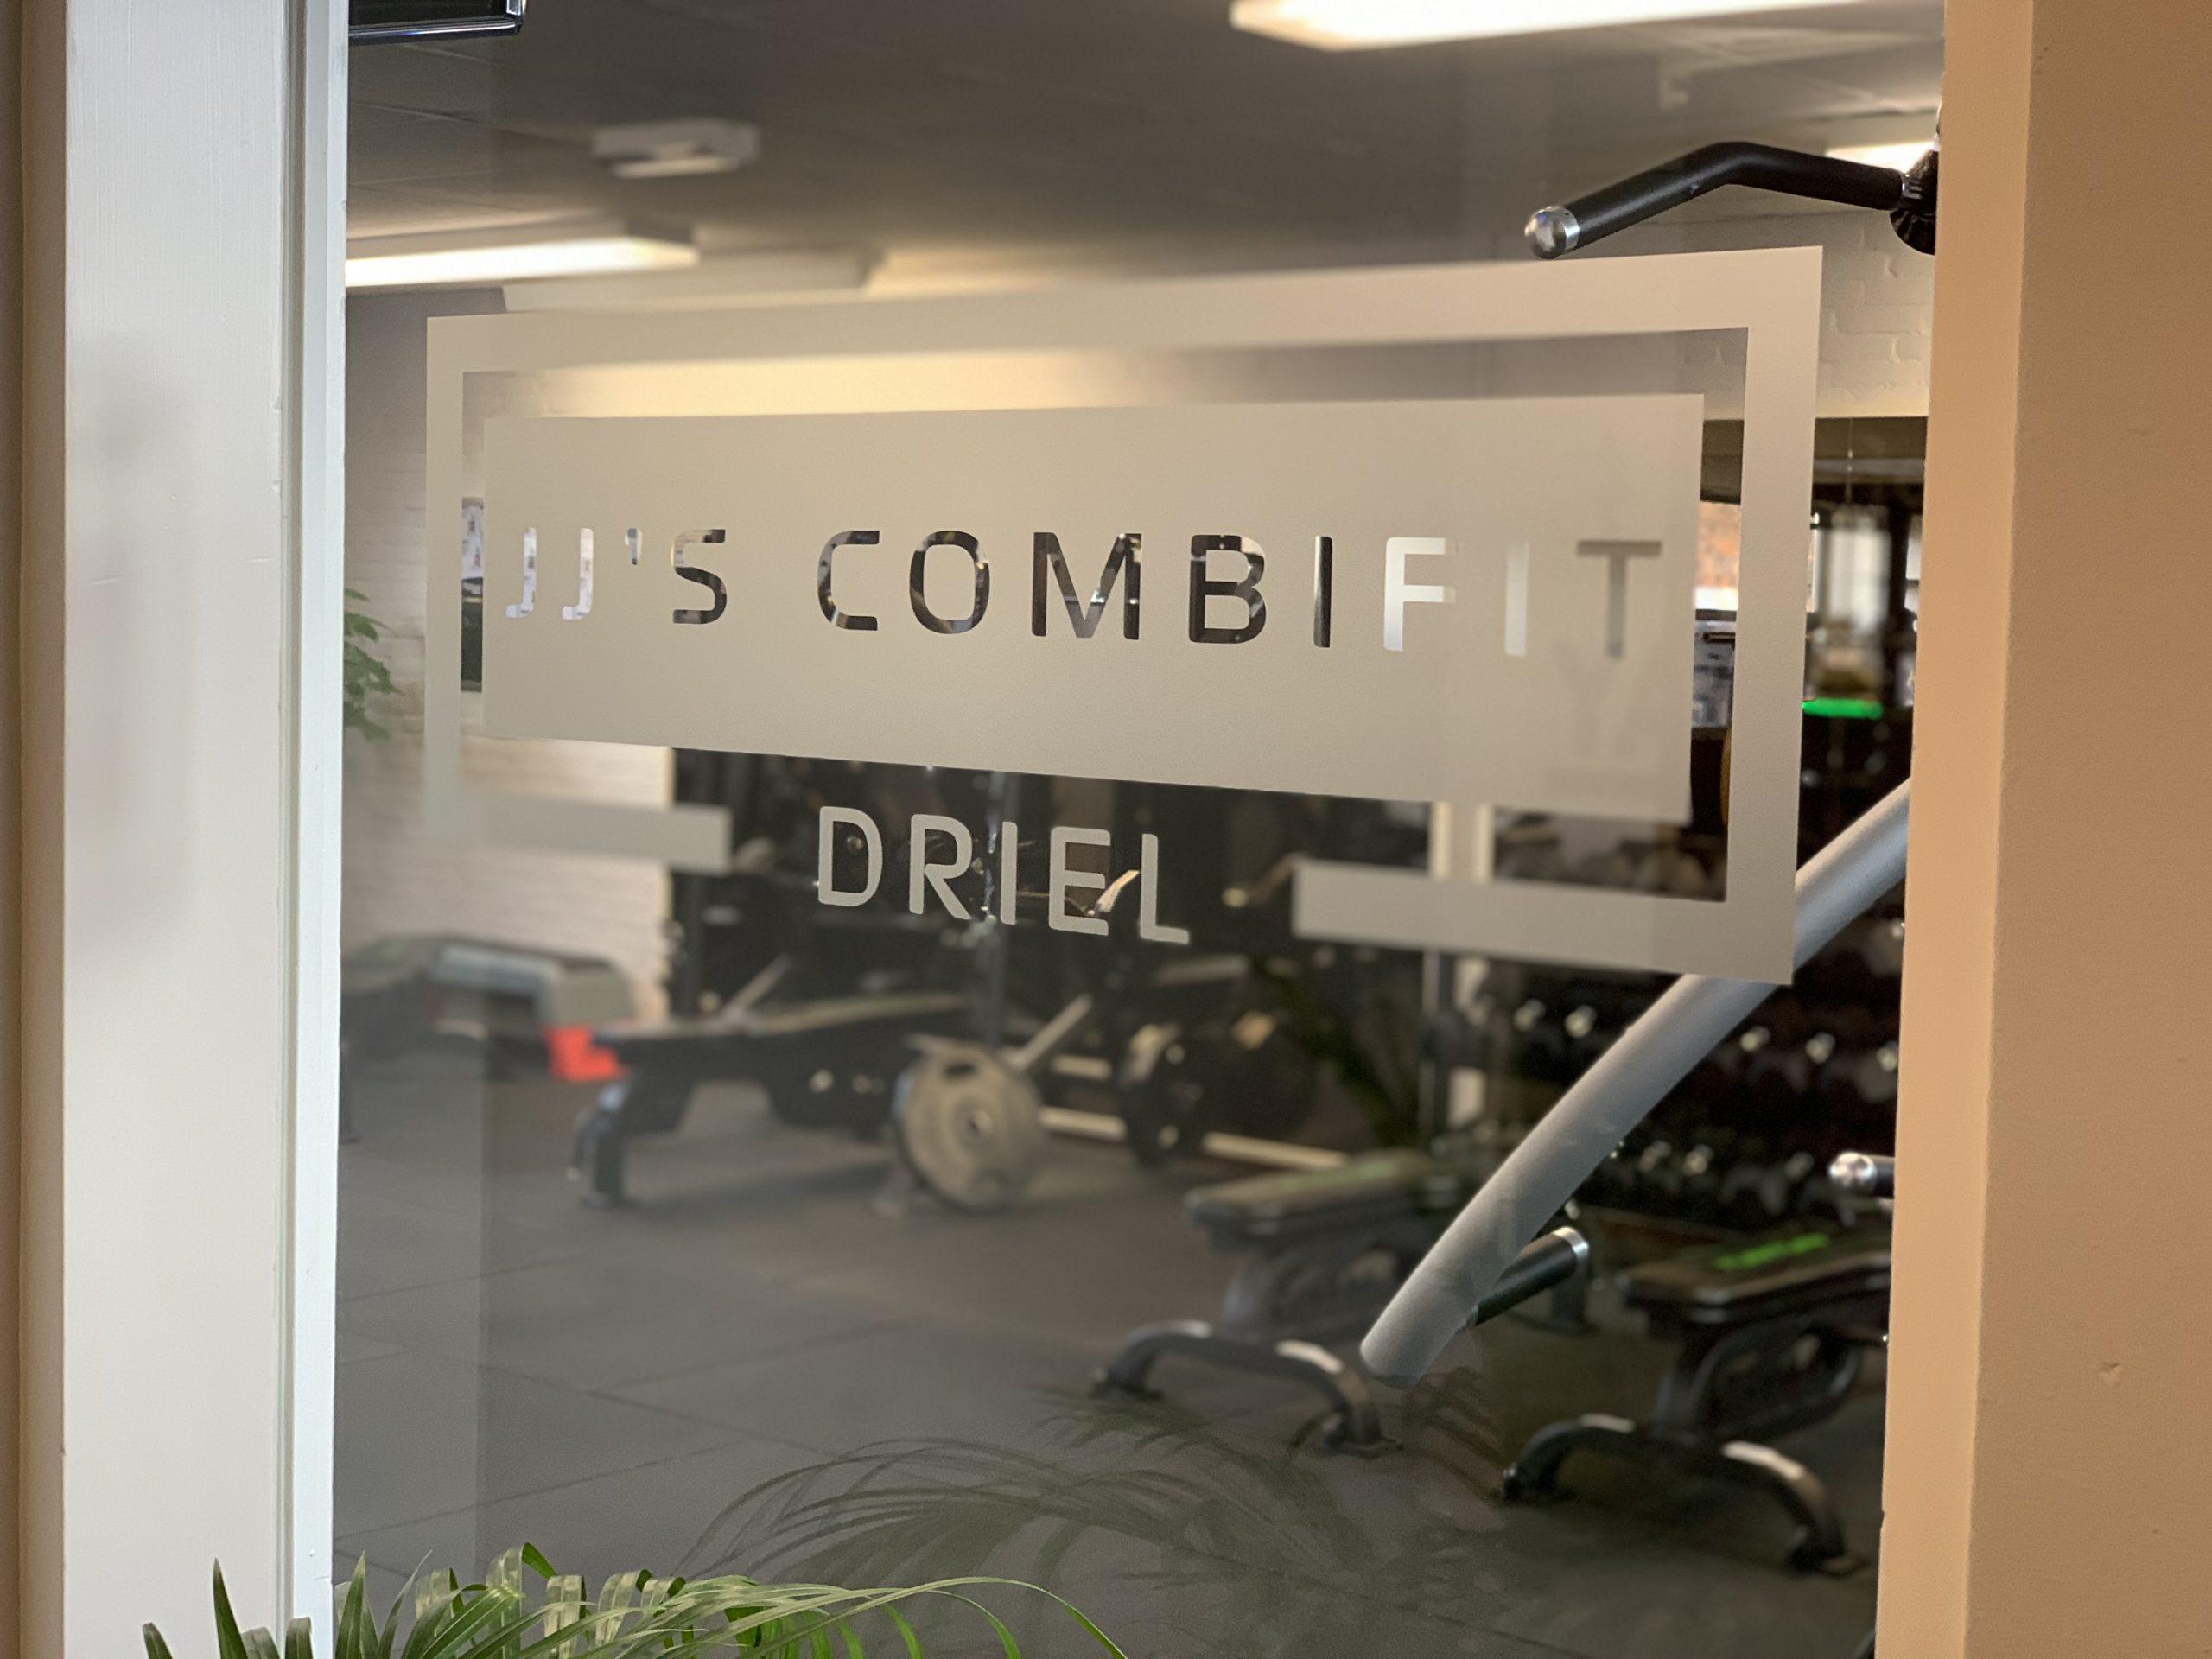 JJ'S Combifit Driel